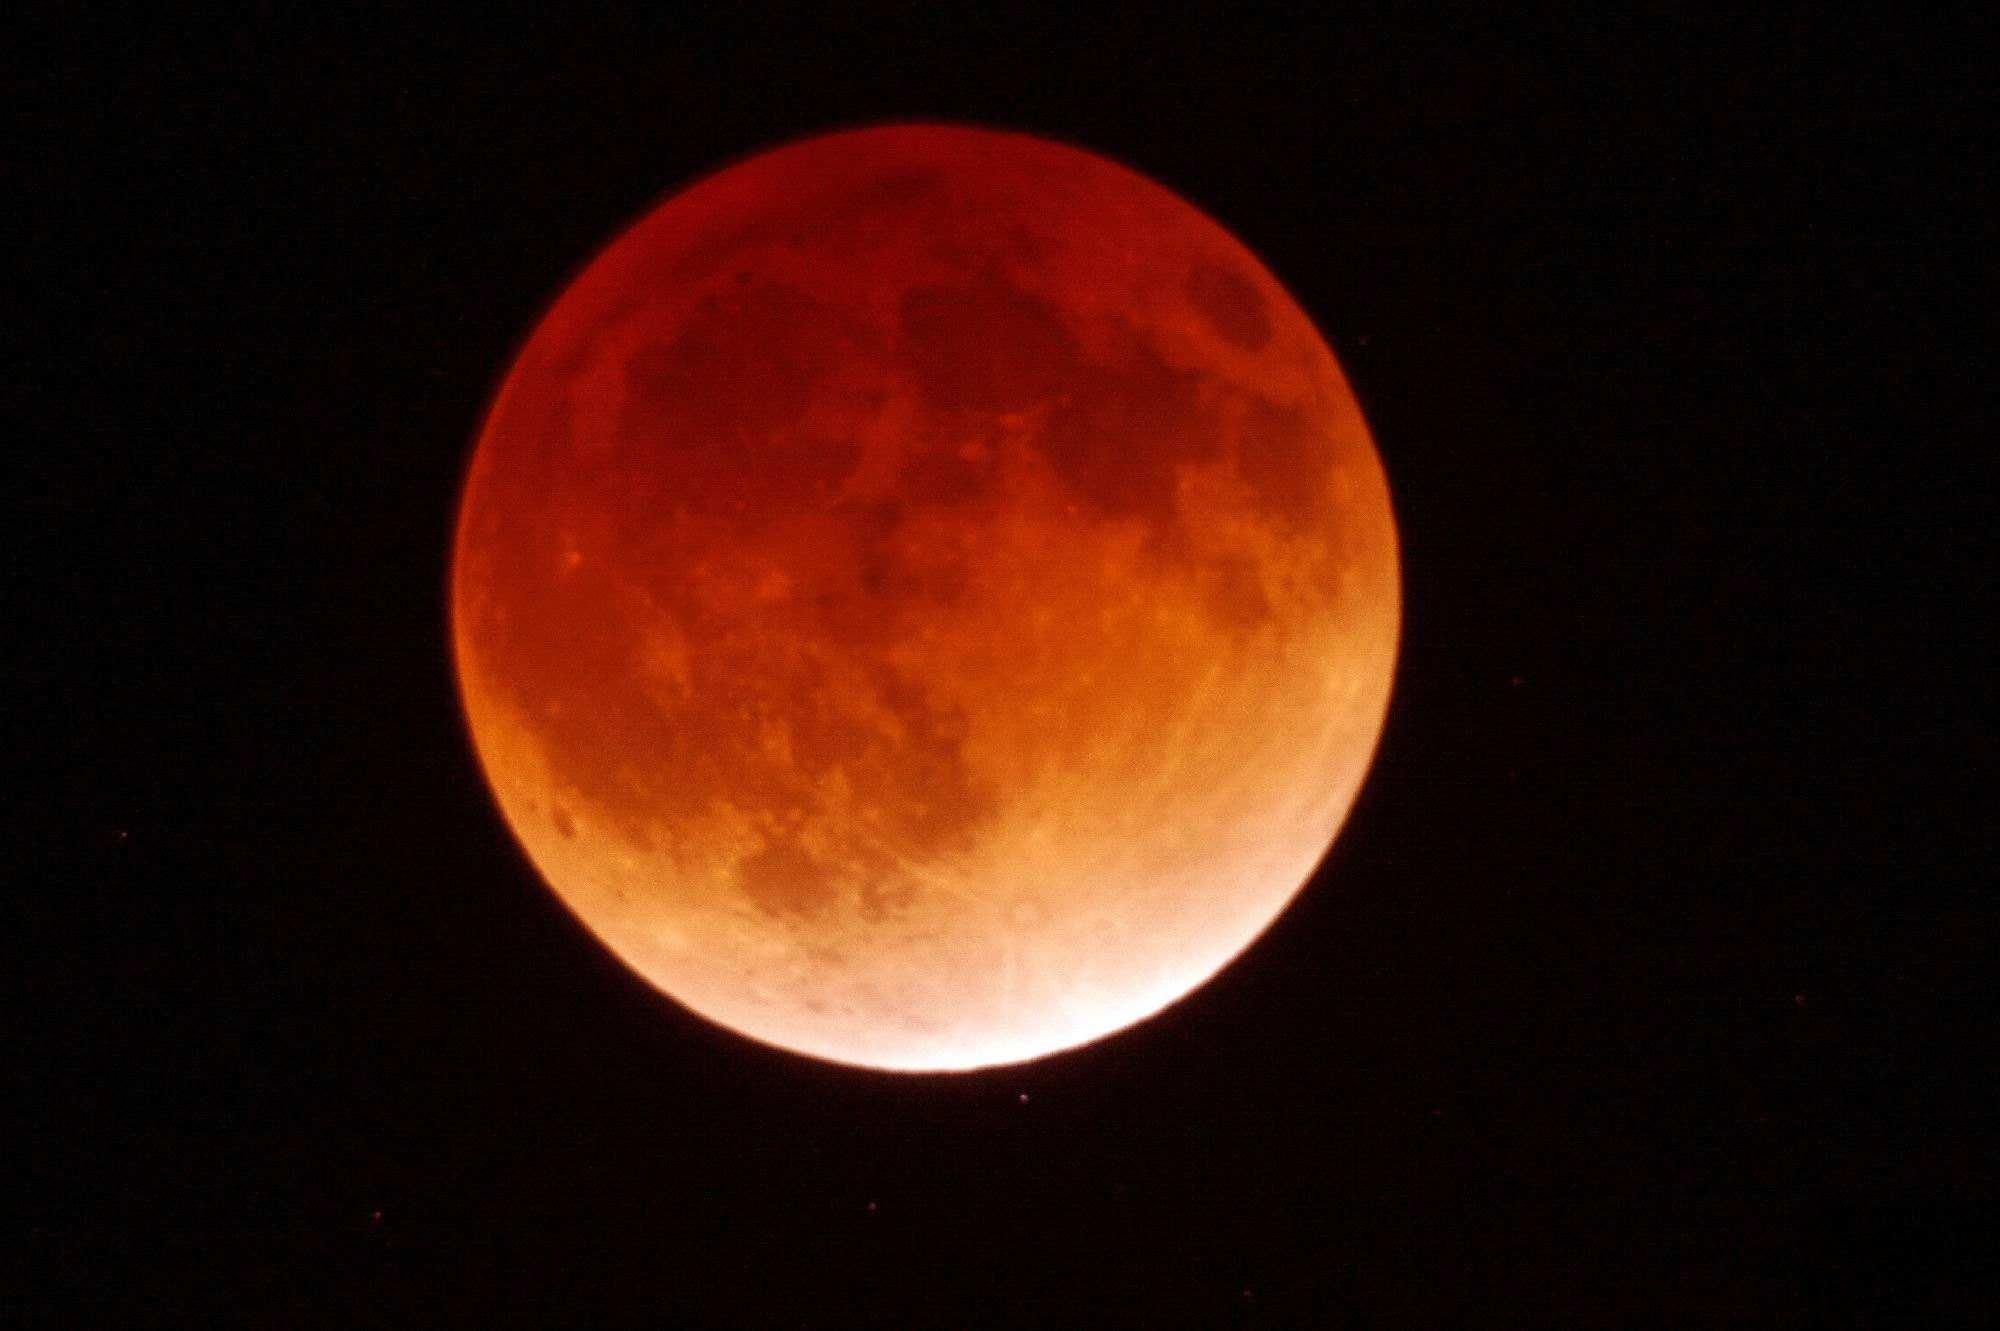 人学网 宇宙探索 星球史记 月亮的阴晴圆缺图5